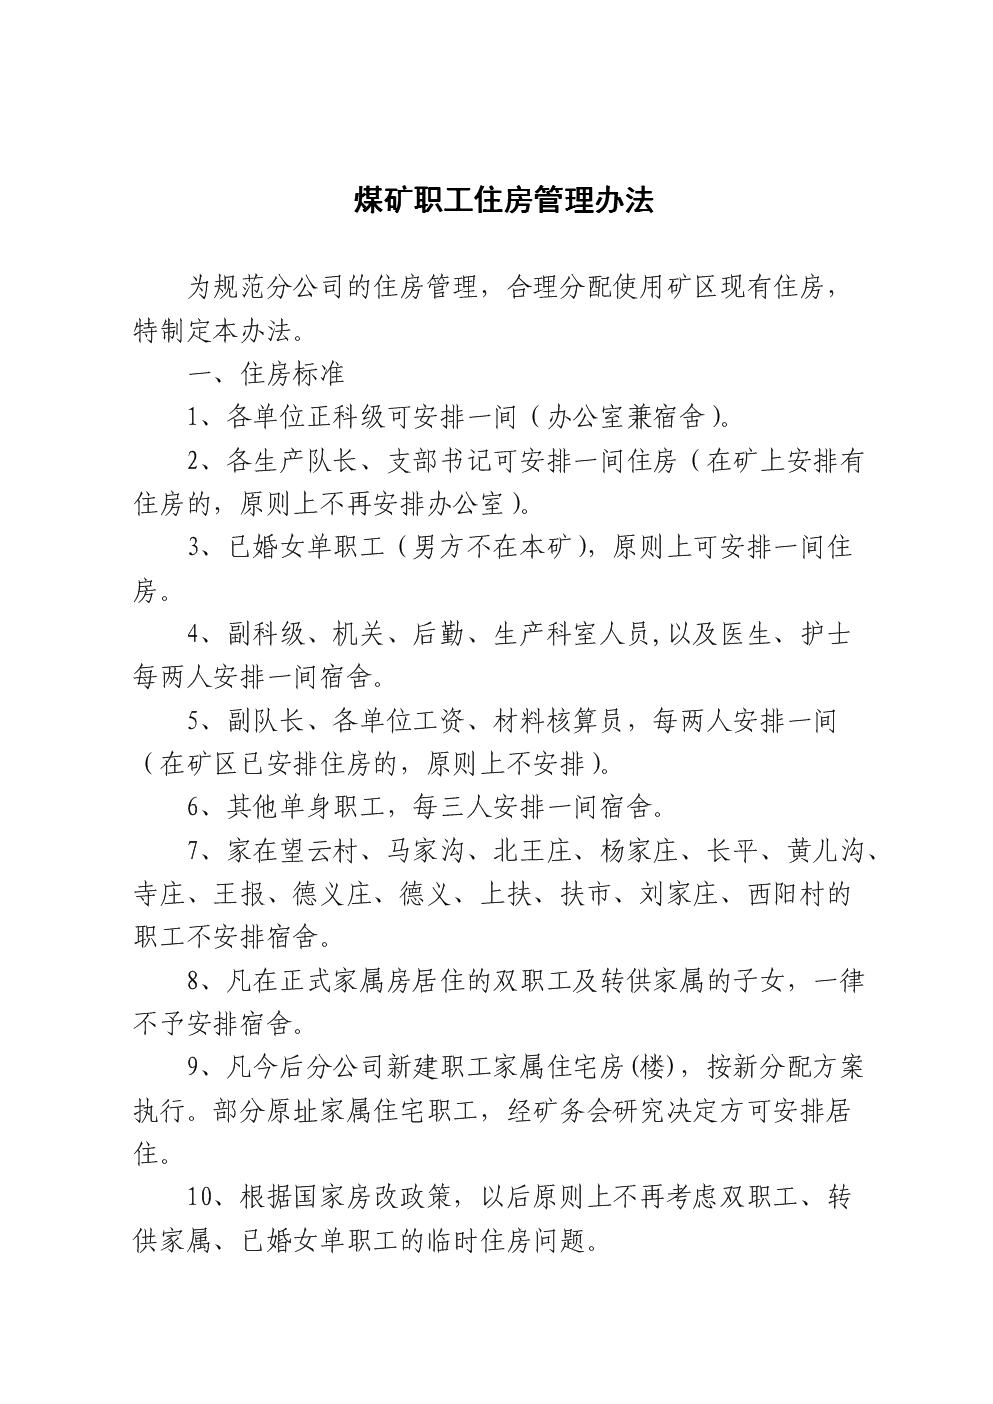 煤矿职工住房管理办法.doc